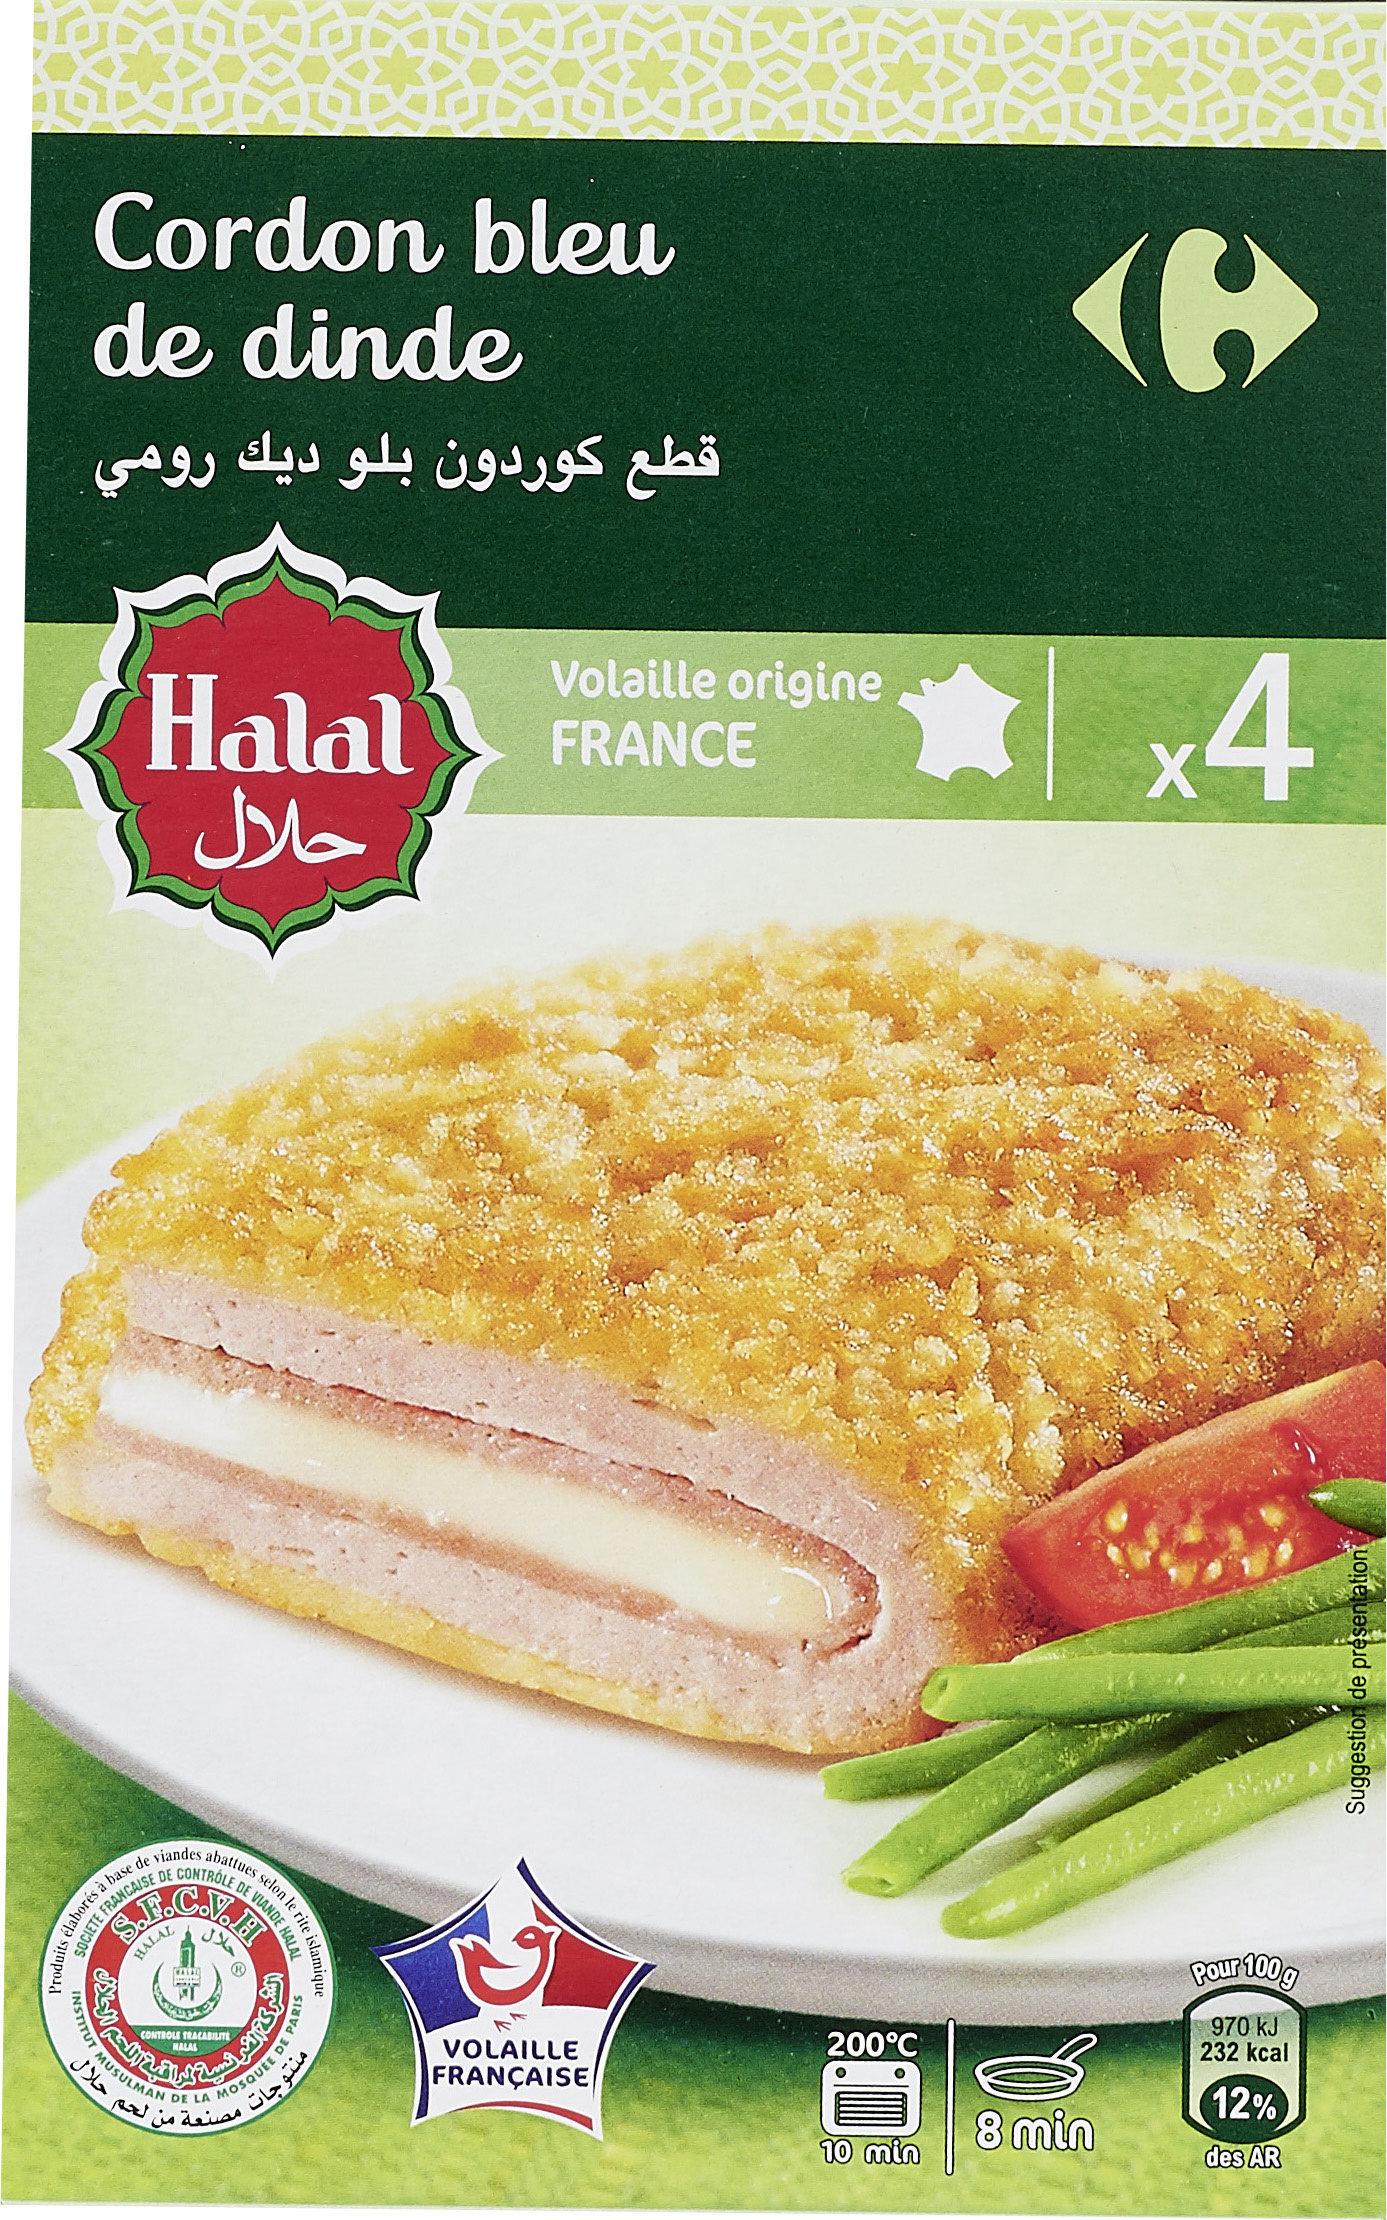 Cordon bleu de dinde Halal - Produit